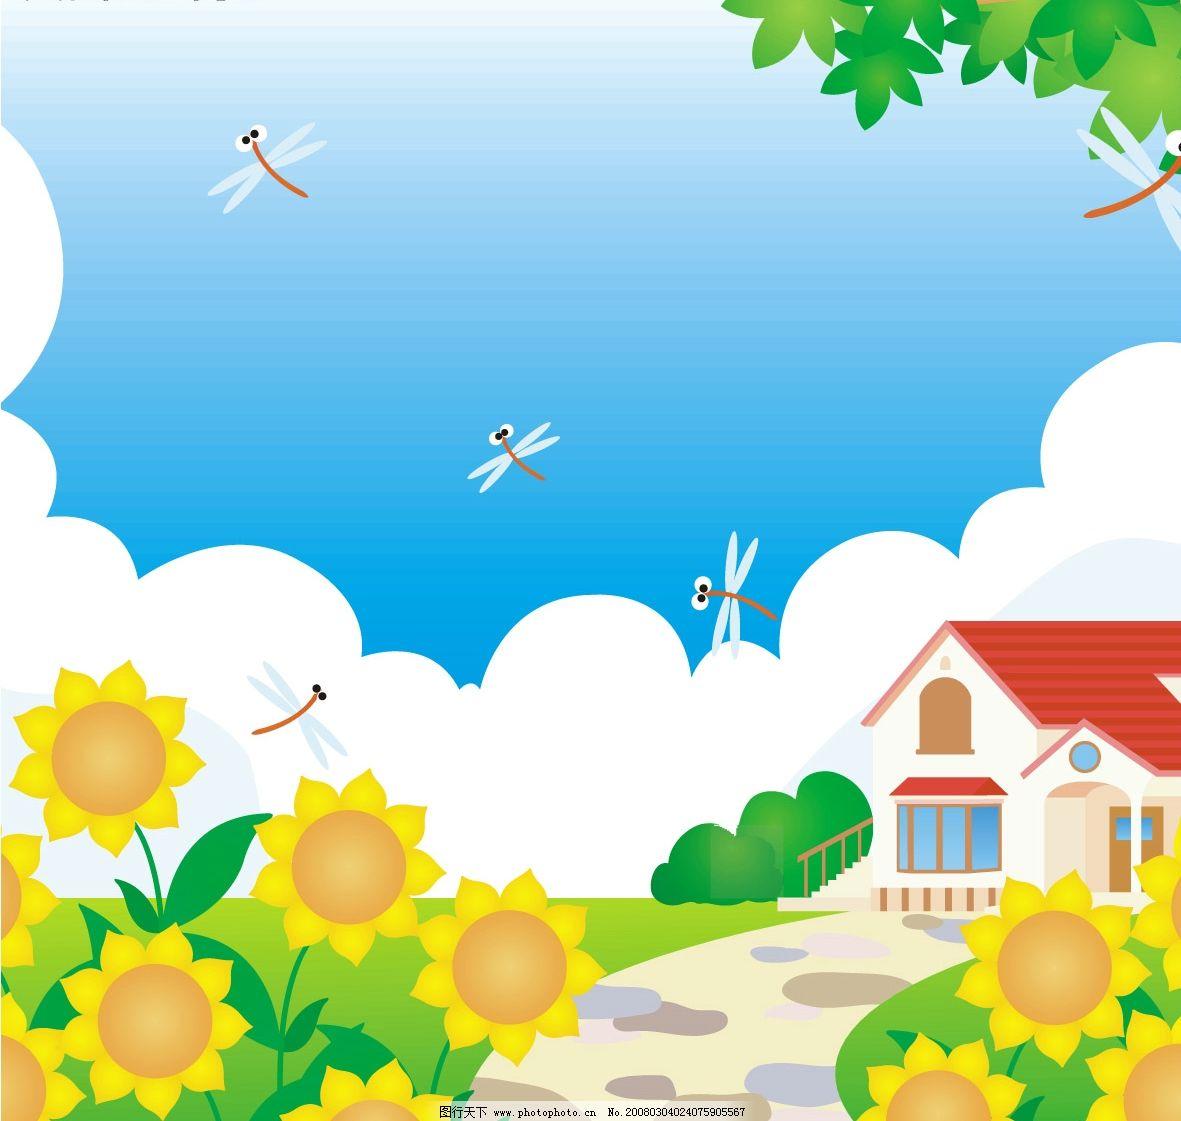 春天,蓝天白云,花儿开,蜻蜓飞舞 自然景观 自然风景 风景 矢量图库